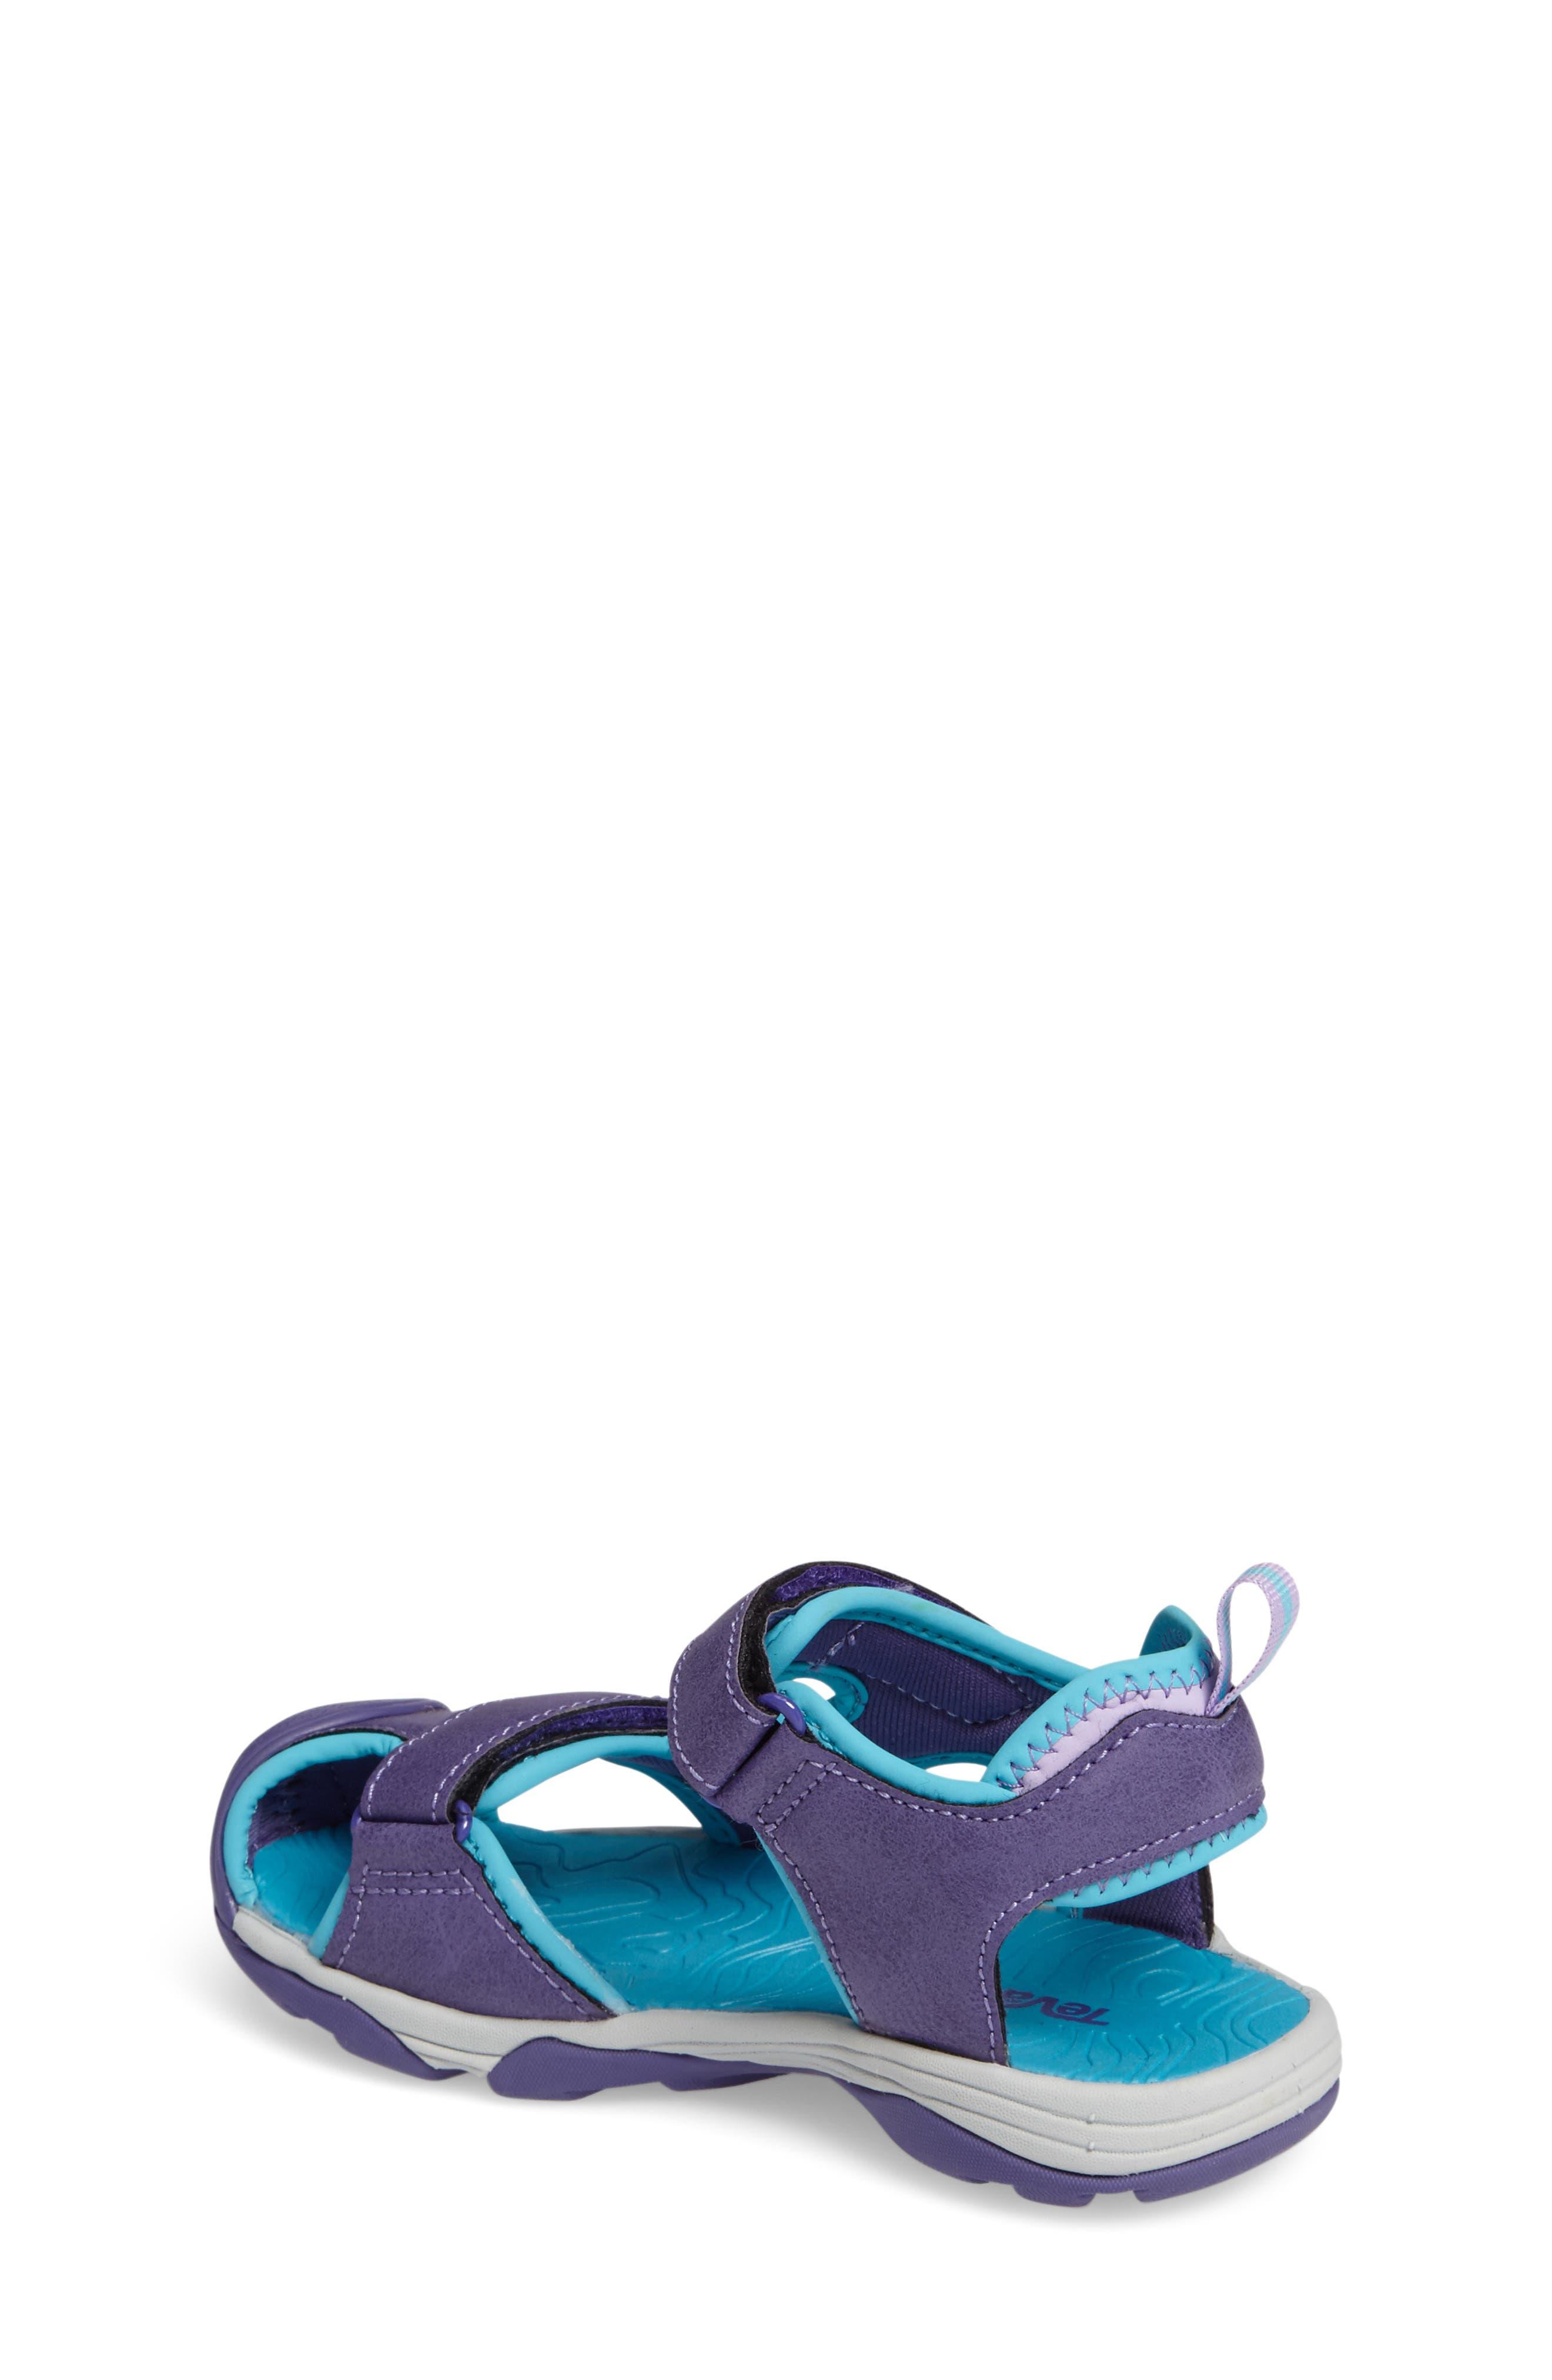 Toachi 4 Sport Sandal,                             Alternate thumbnail 2, color,